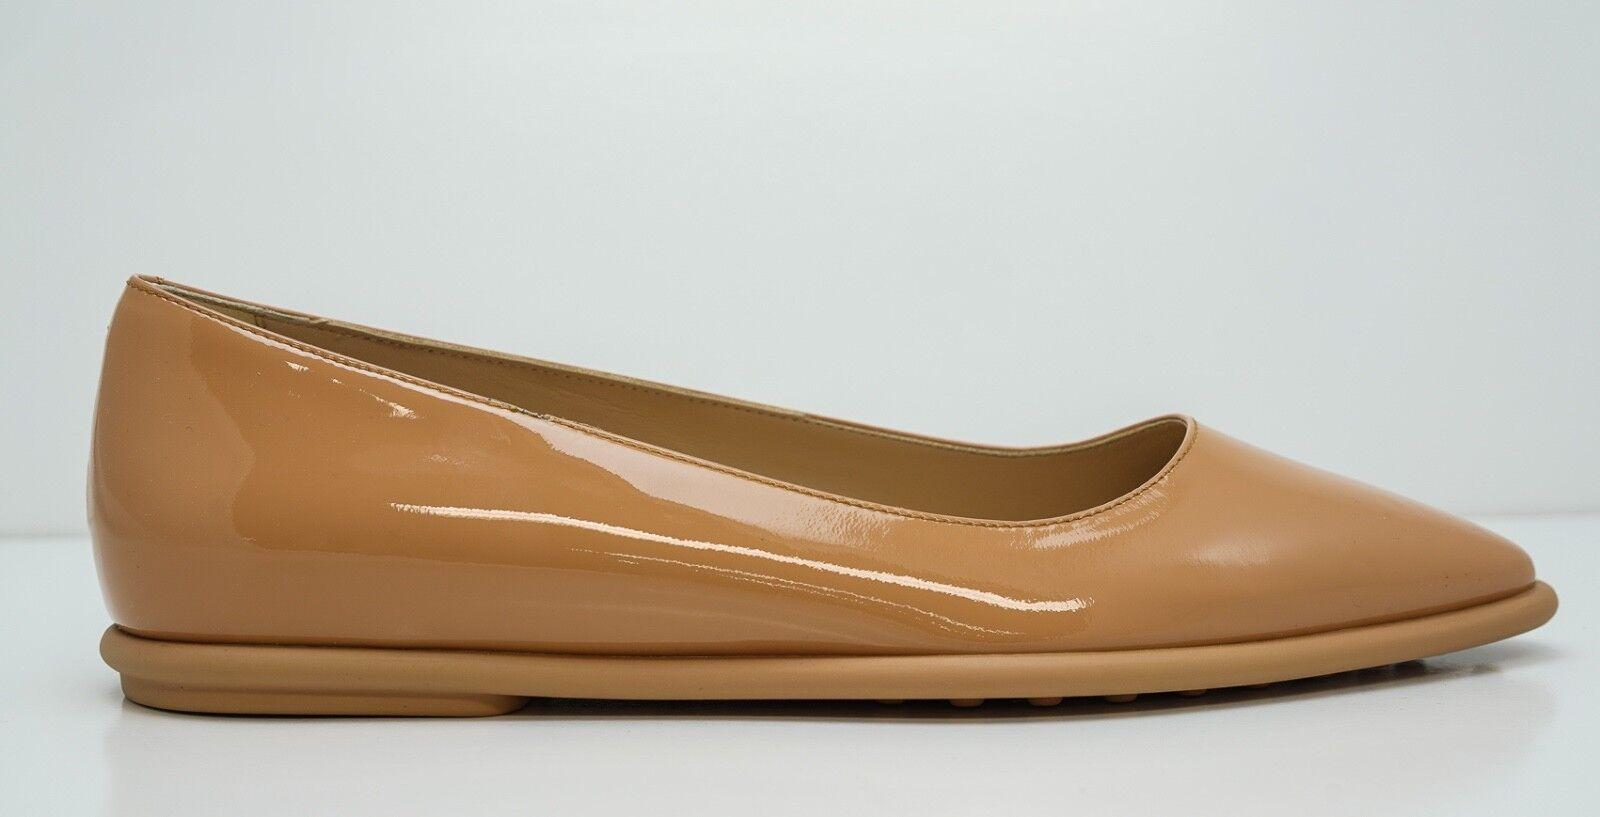 Negozio 2018 New in Box Box Box Tod's Ladies Cameo Patent Leather Ballerina scarpe AOS320  outlet in vendita